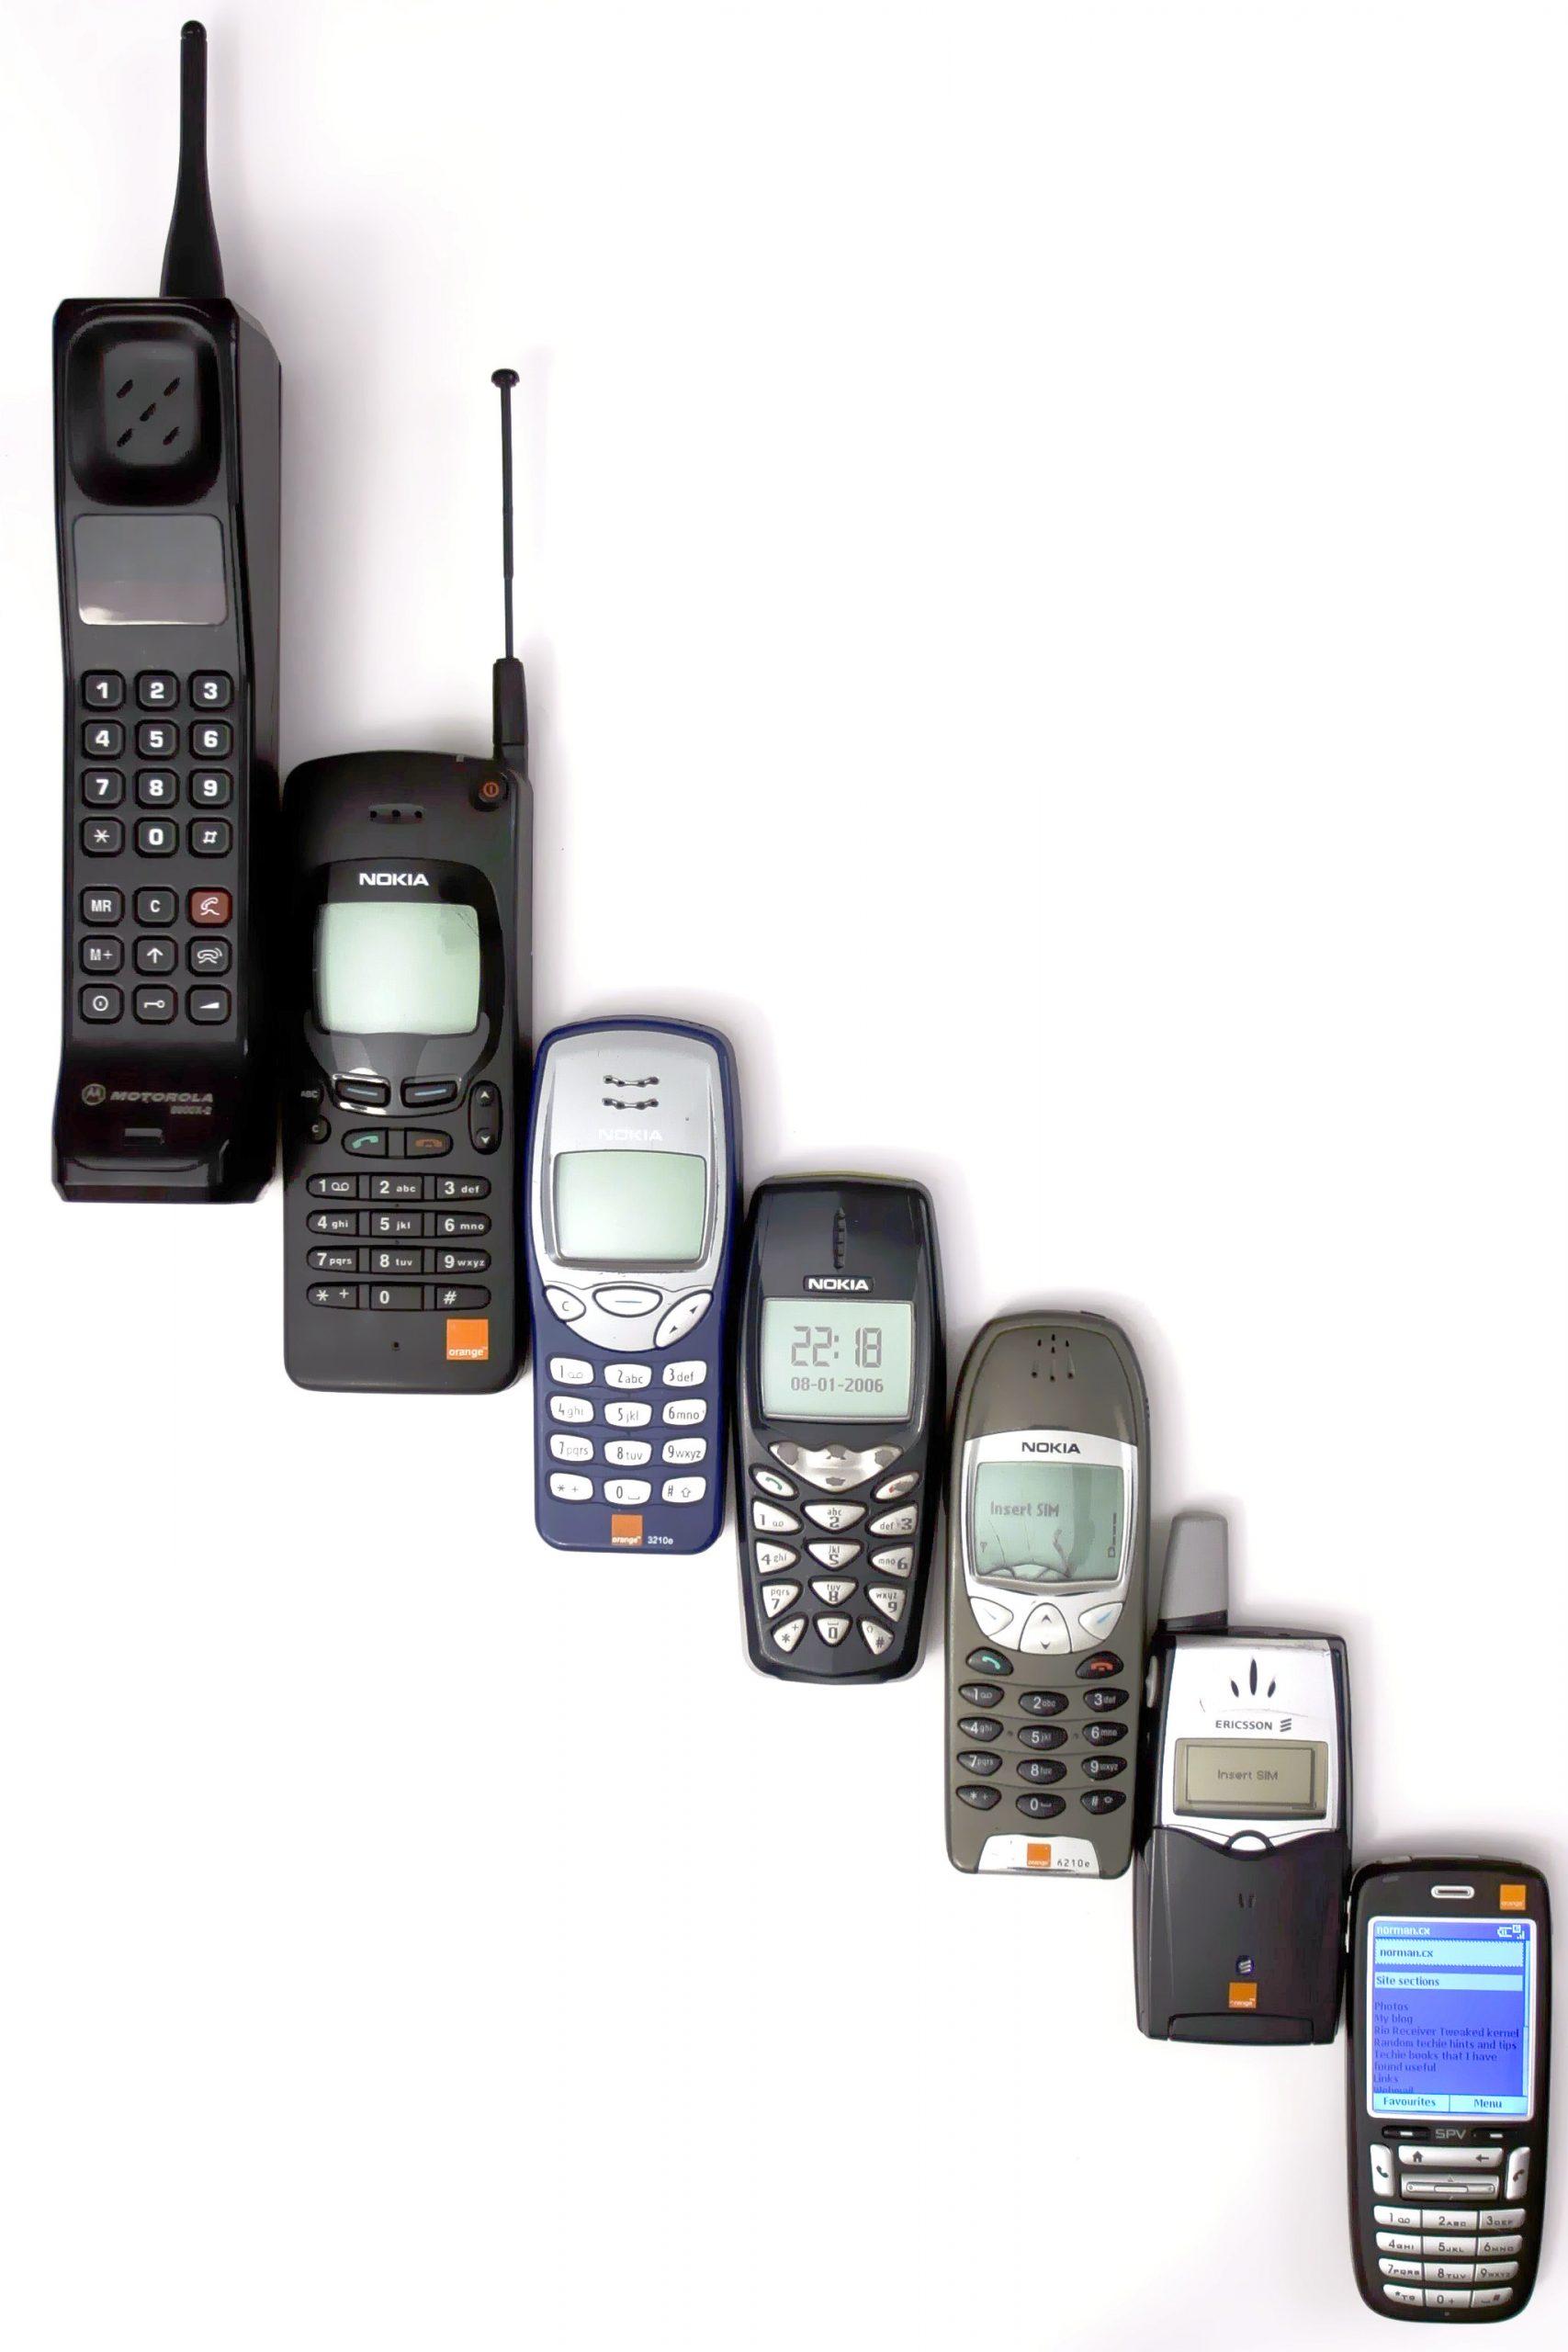 mejores-teléfonos-móviles-sin-cámara-o-internet